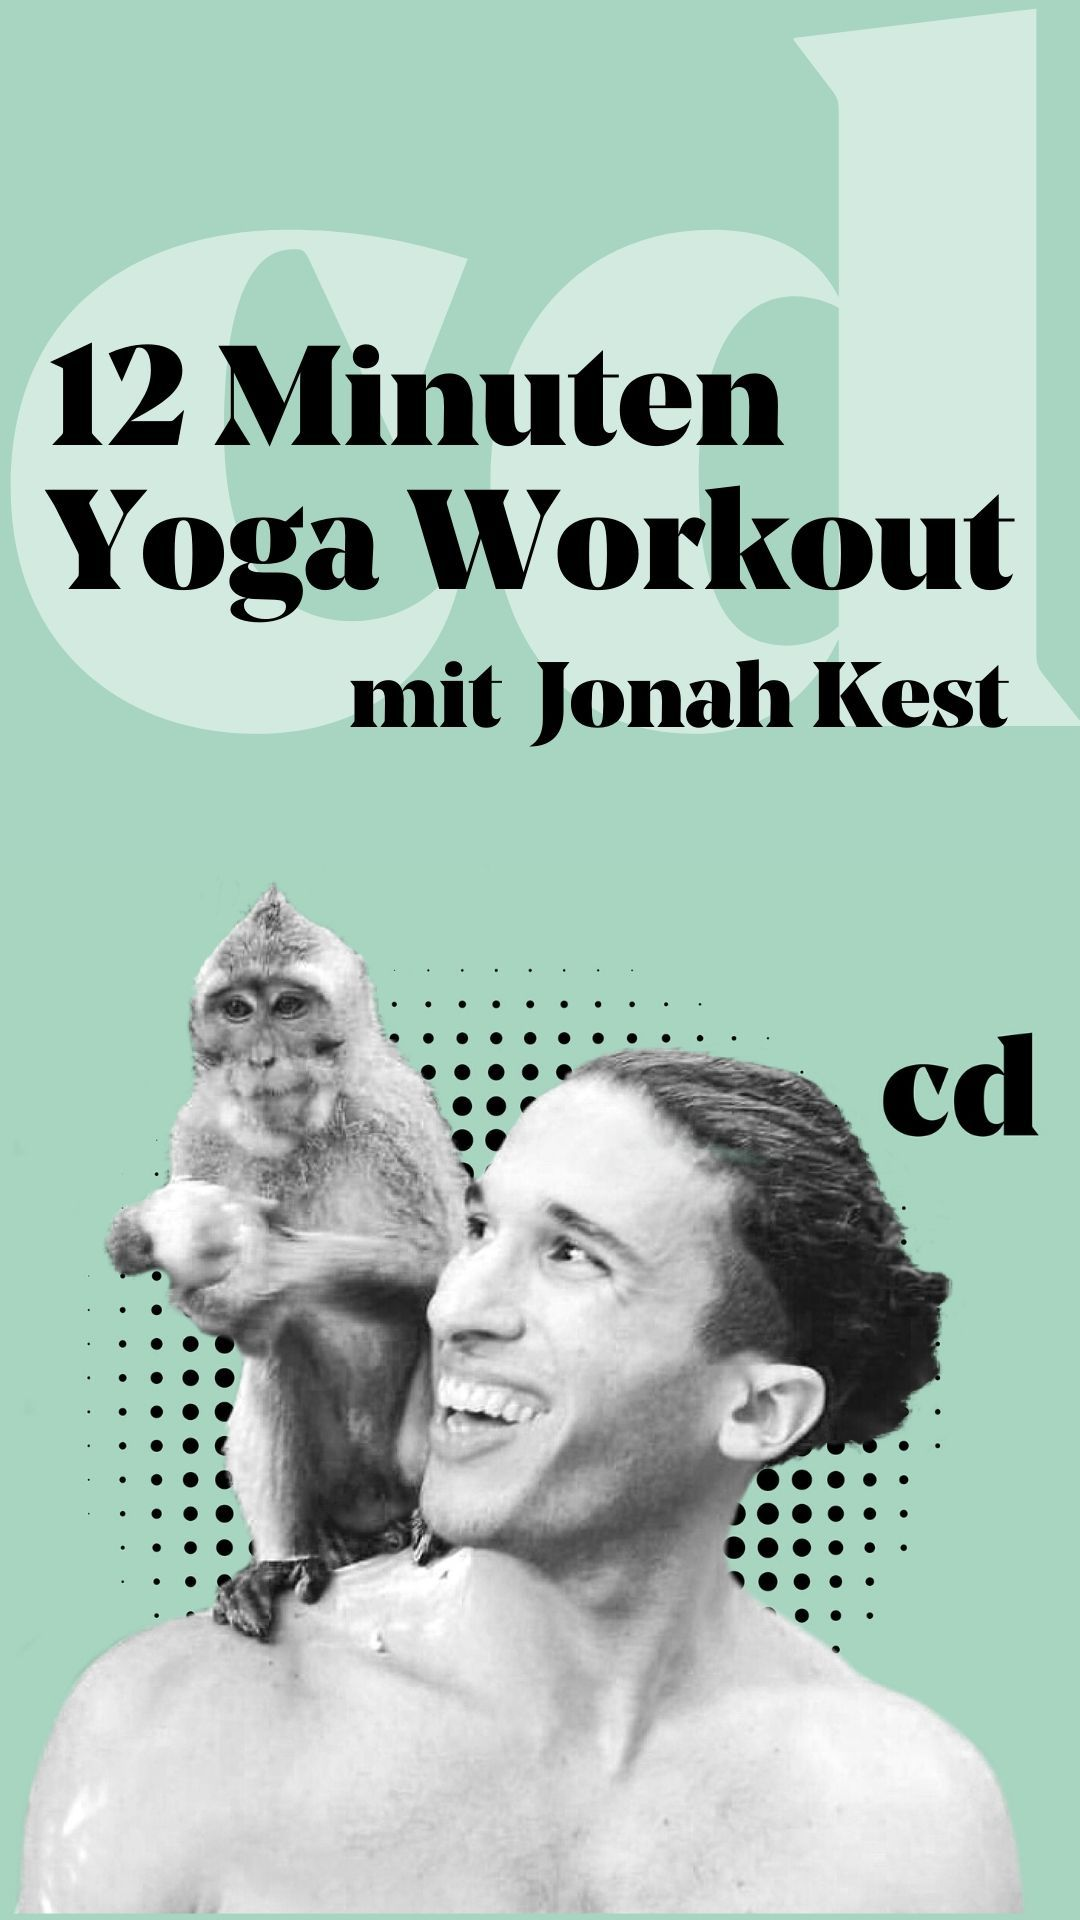 12MinutenYogaWorkout mit Jonah Kest Jonah schloss mit 17 Jahren seine YogaAusbildung ab und unterrichtet seitdem weltweit Auf Instagram folgen ihm über 100000 YogaFa...